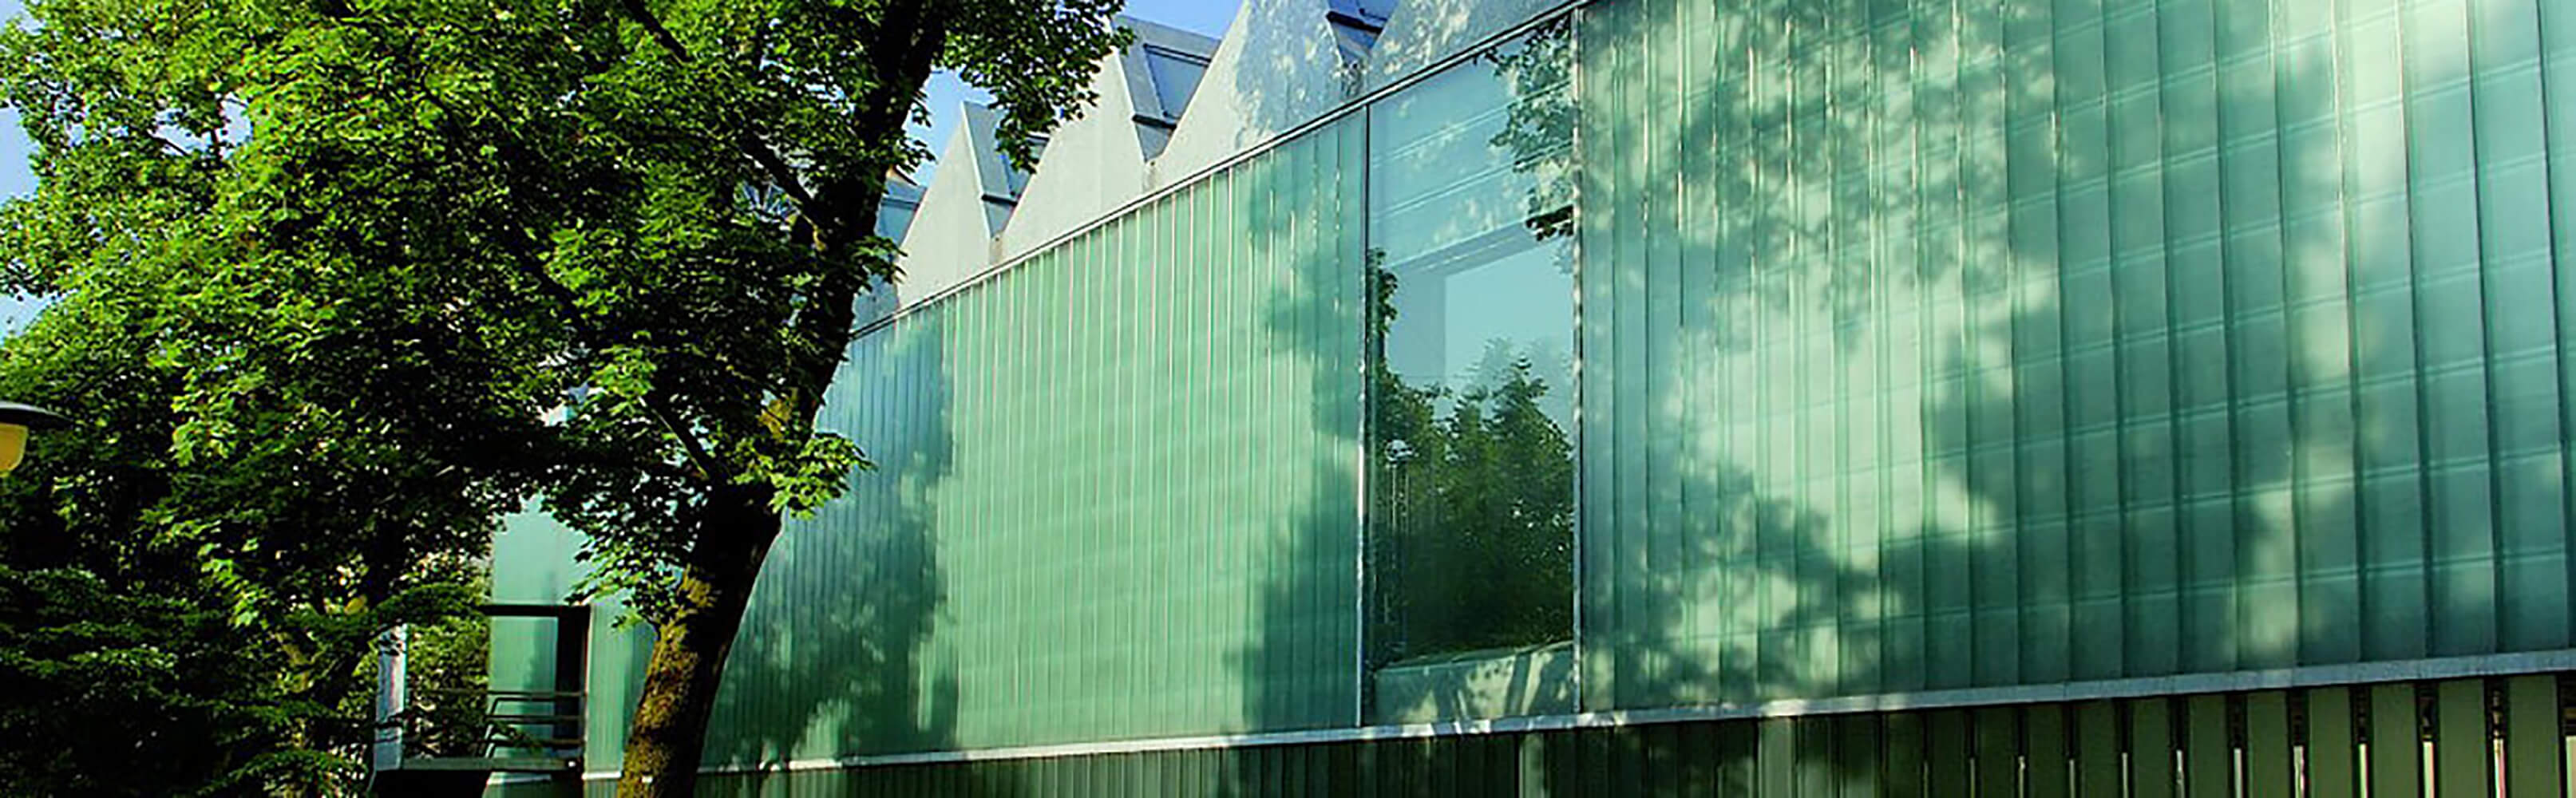 Kunstmuseum Winterthur - Haus der Moderne 1